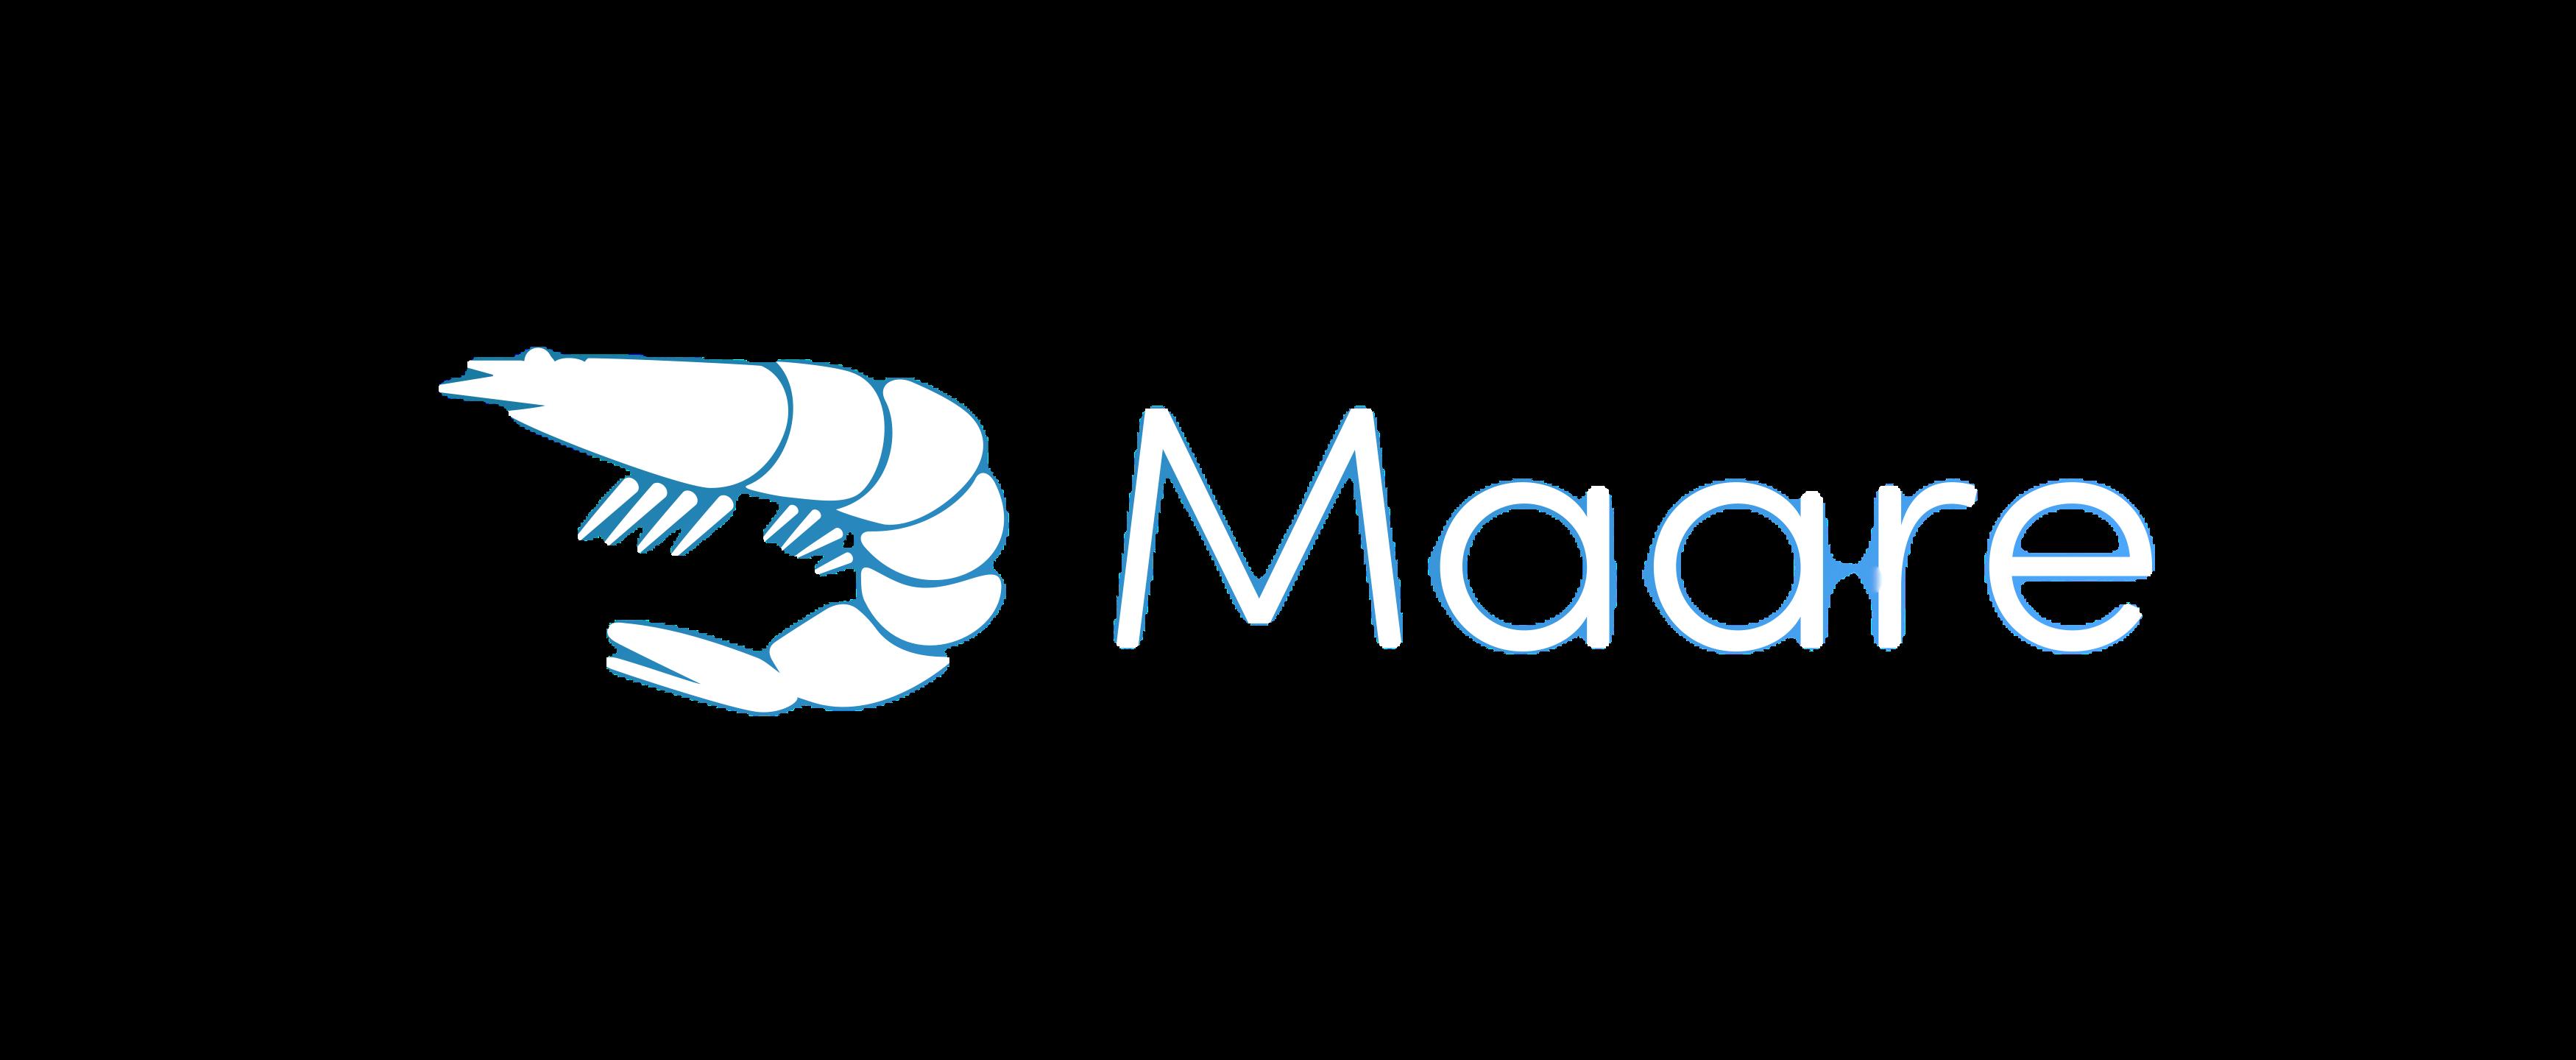 Maare